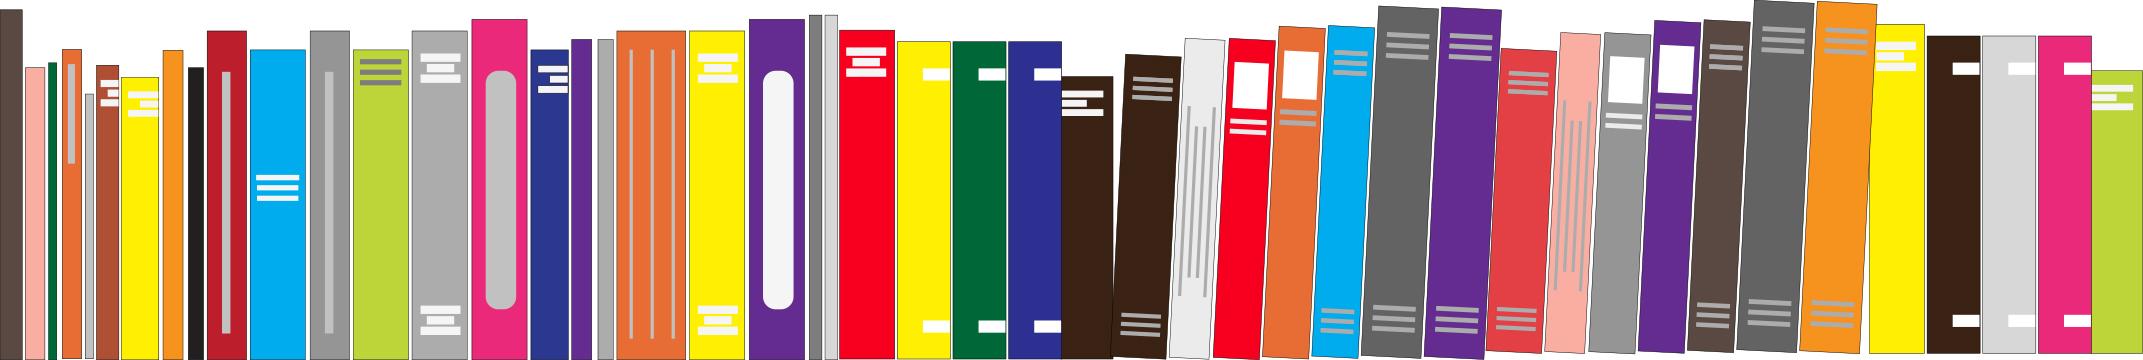 Book_Art (1).jpg